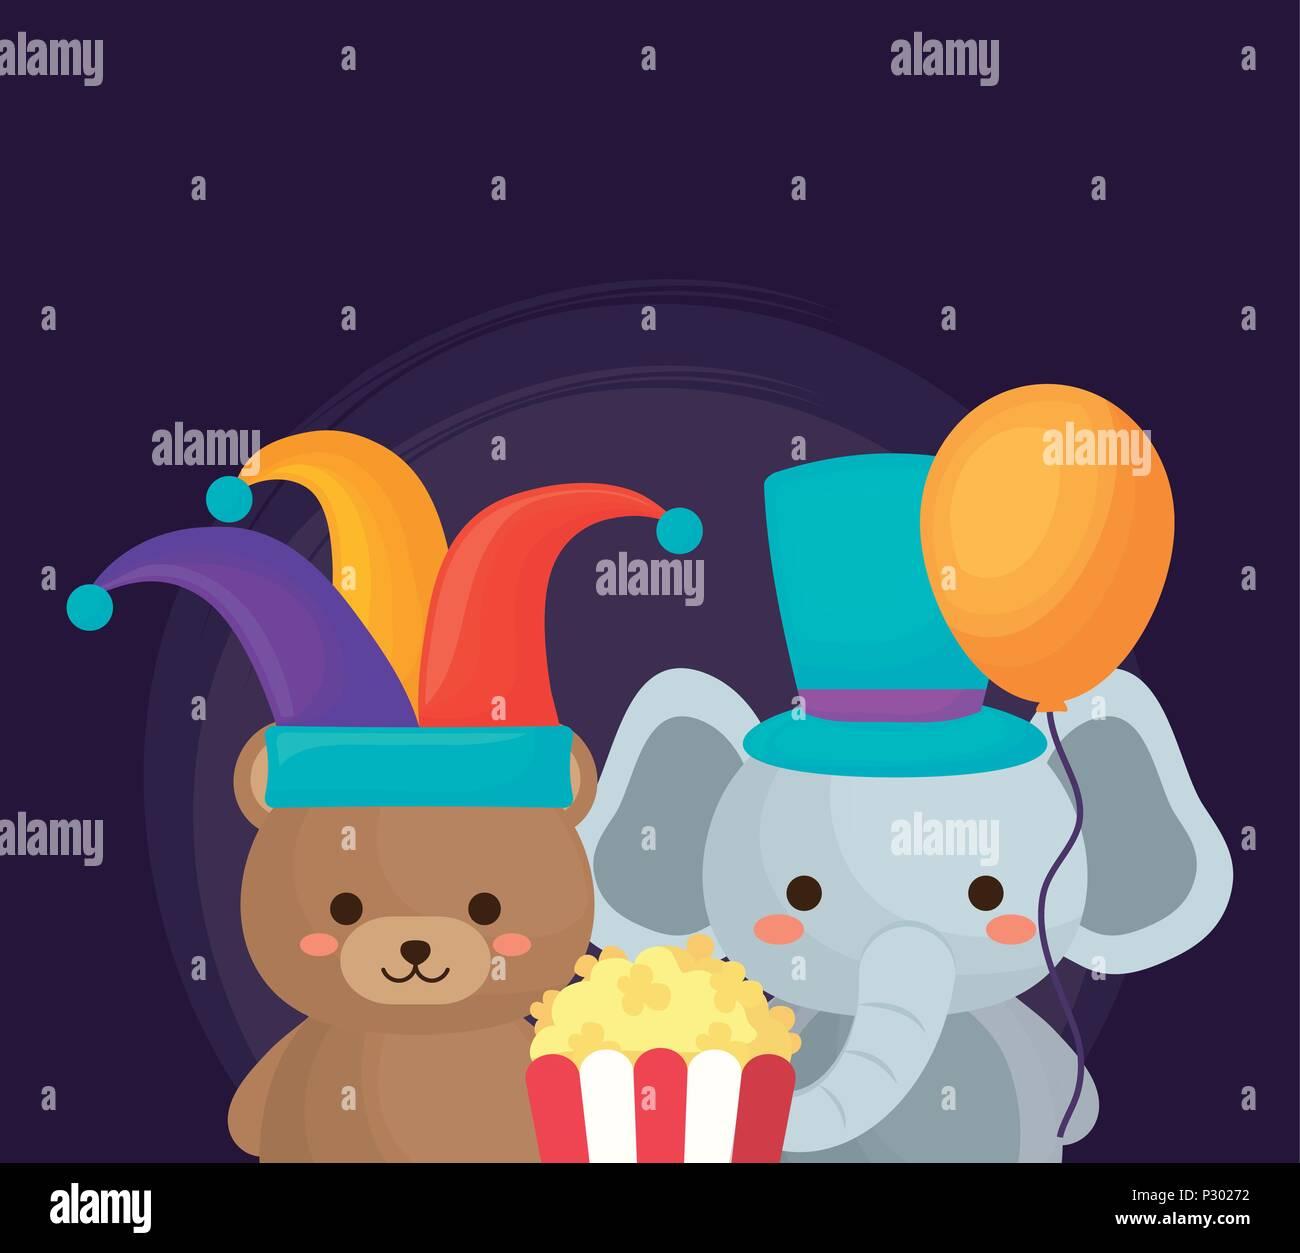 Diseño de circo de carnaval con lindo elefante y oso con pop corn sobre  fondo púrpura ab64994c3c2